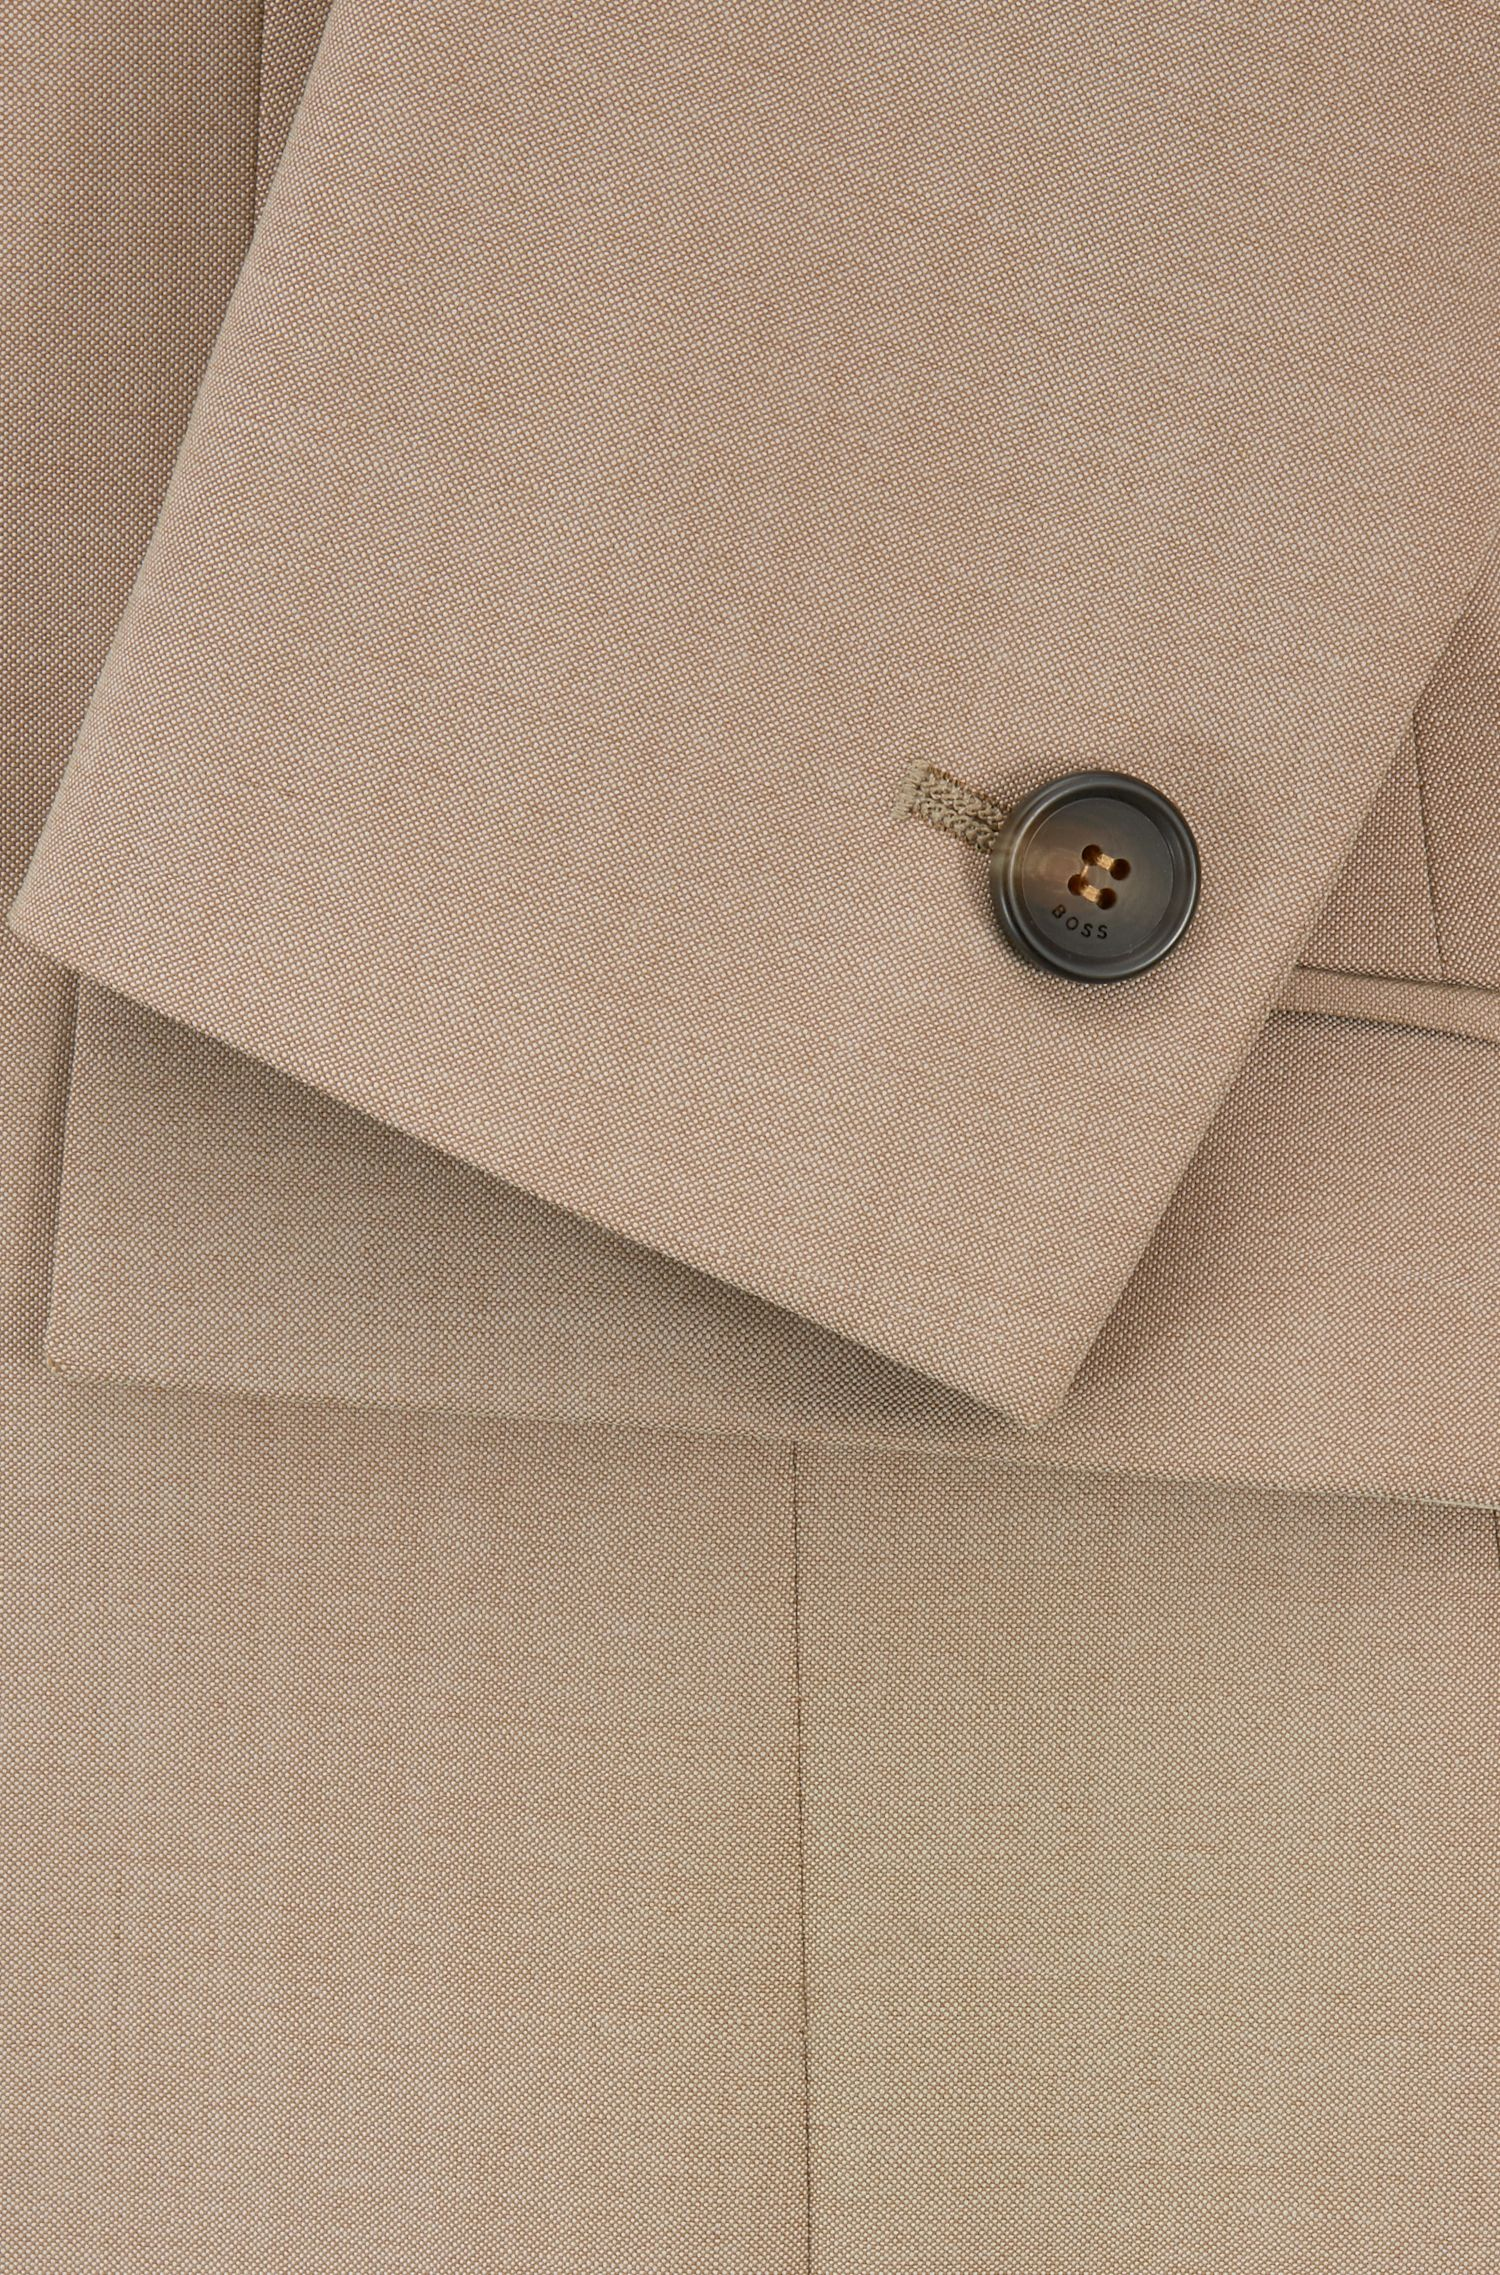 Hugo Boss - Chaqueta regular fit en lana virgen con textura de piel de tiburón - 5